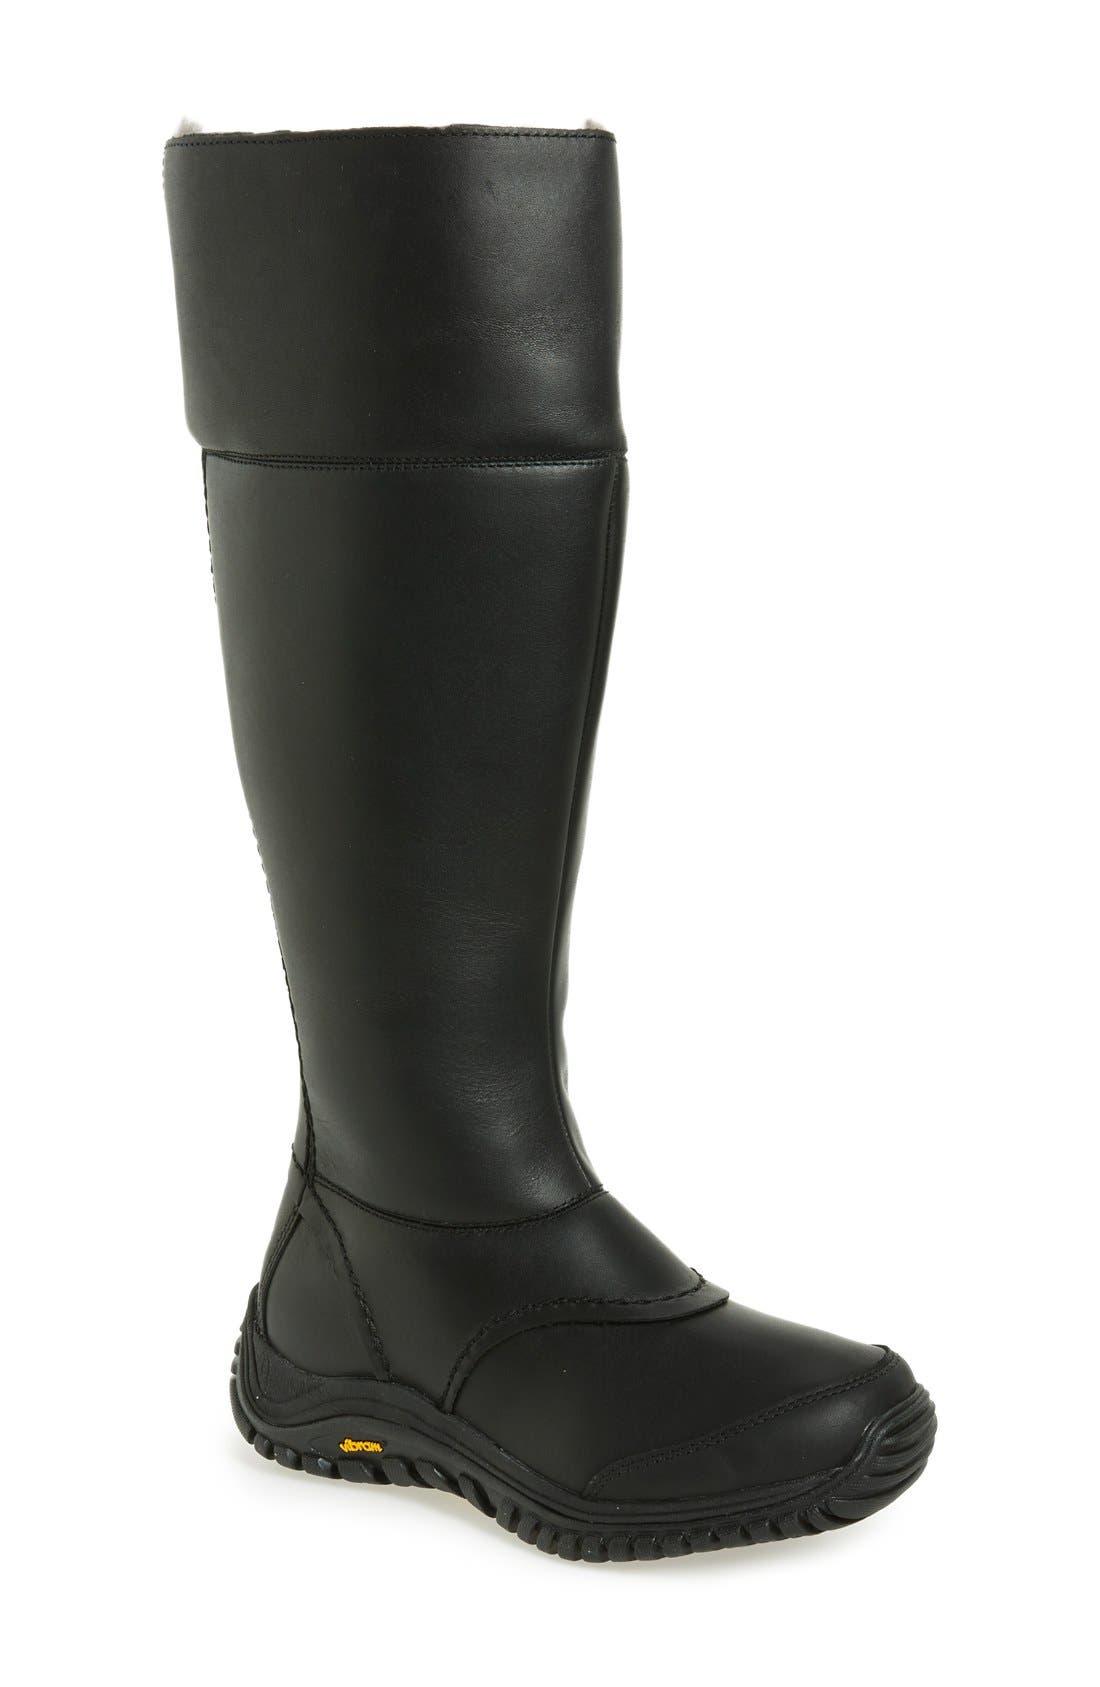 ugg 174 waterproof boot wide calf nordstrom